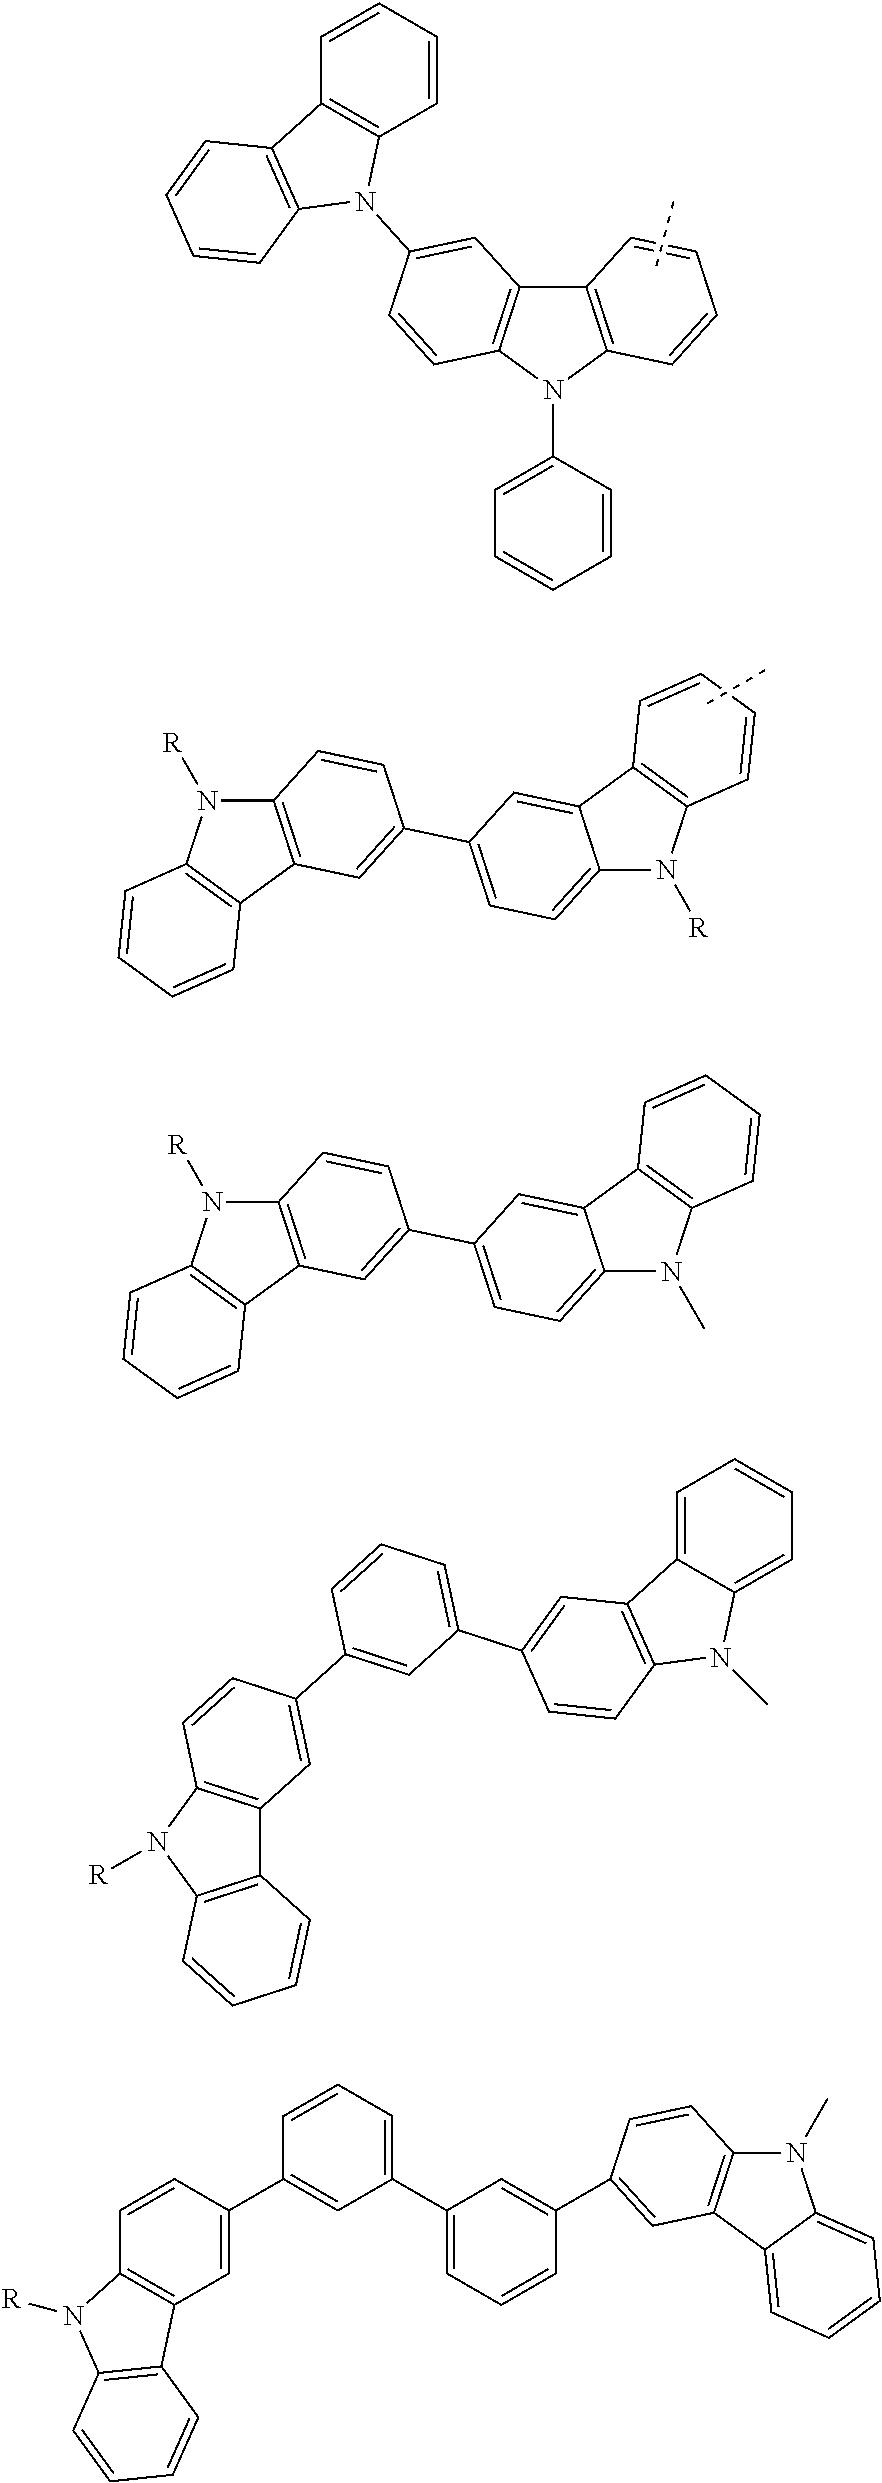 Figure US08652656-20140218-C00010